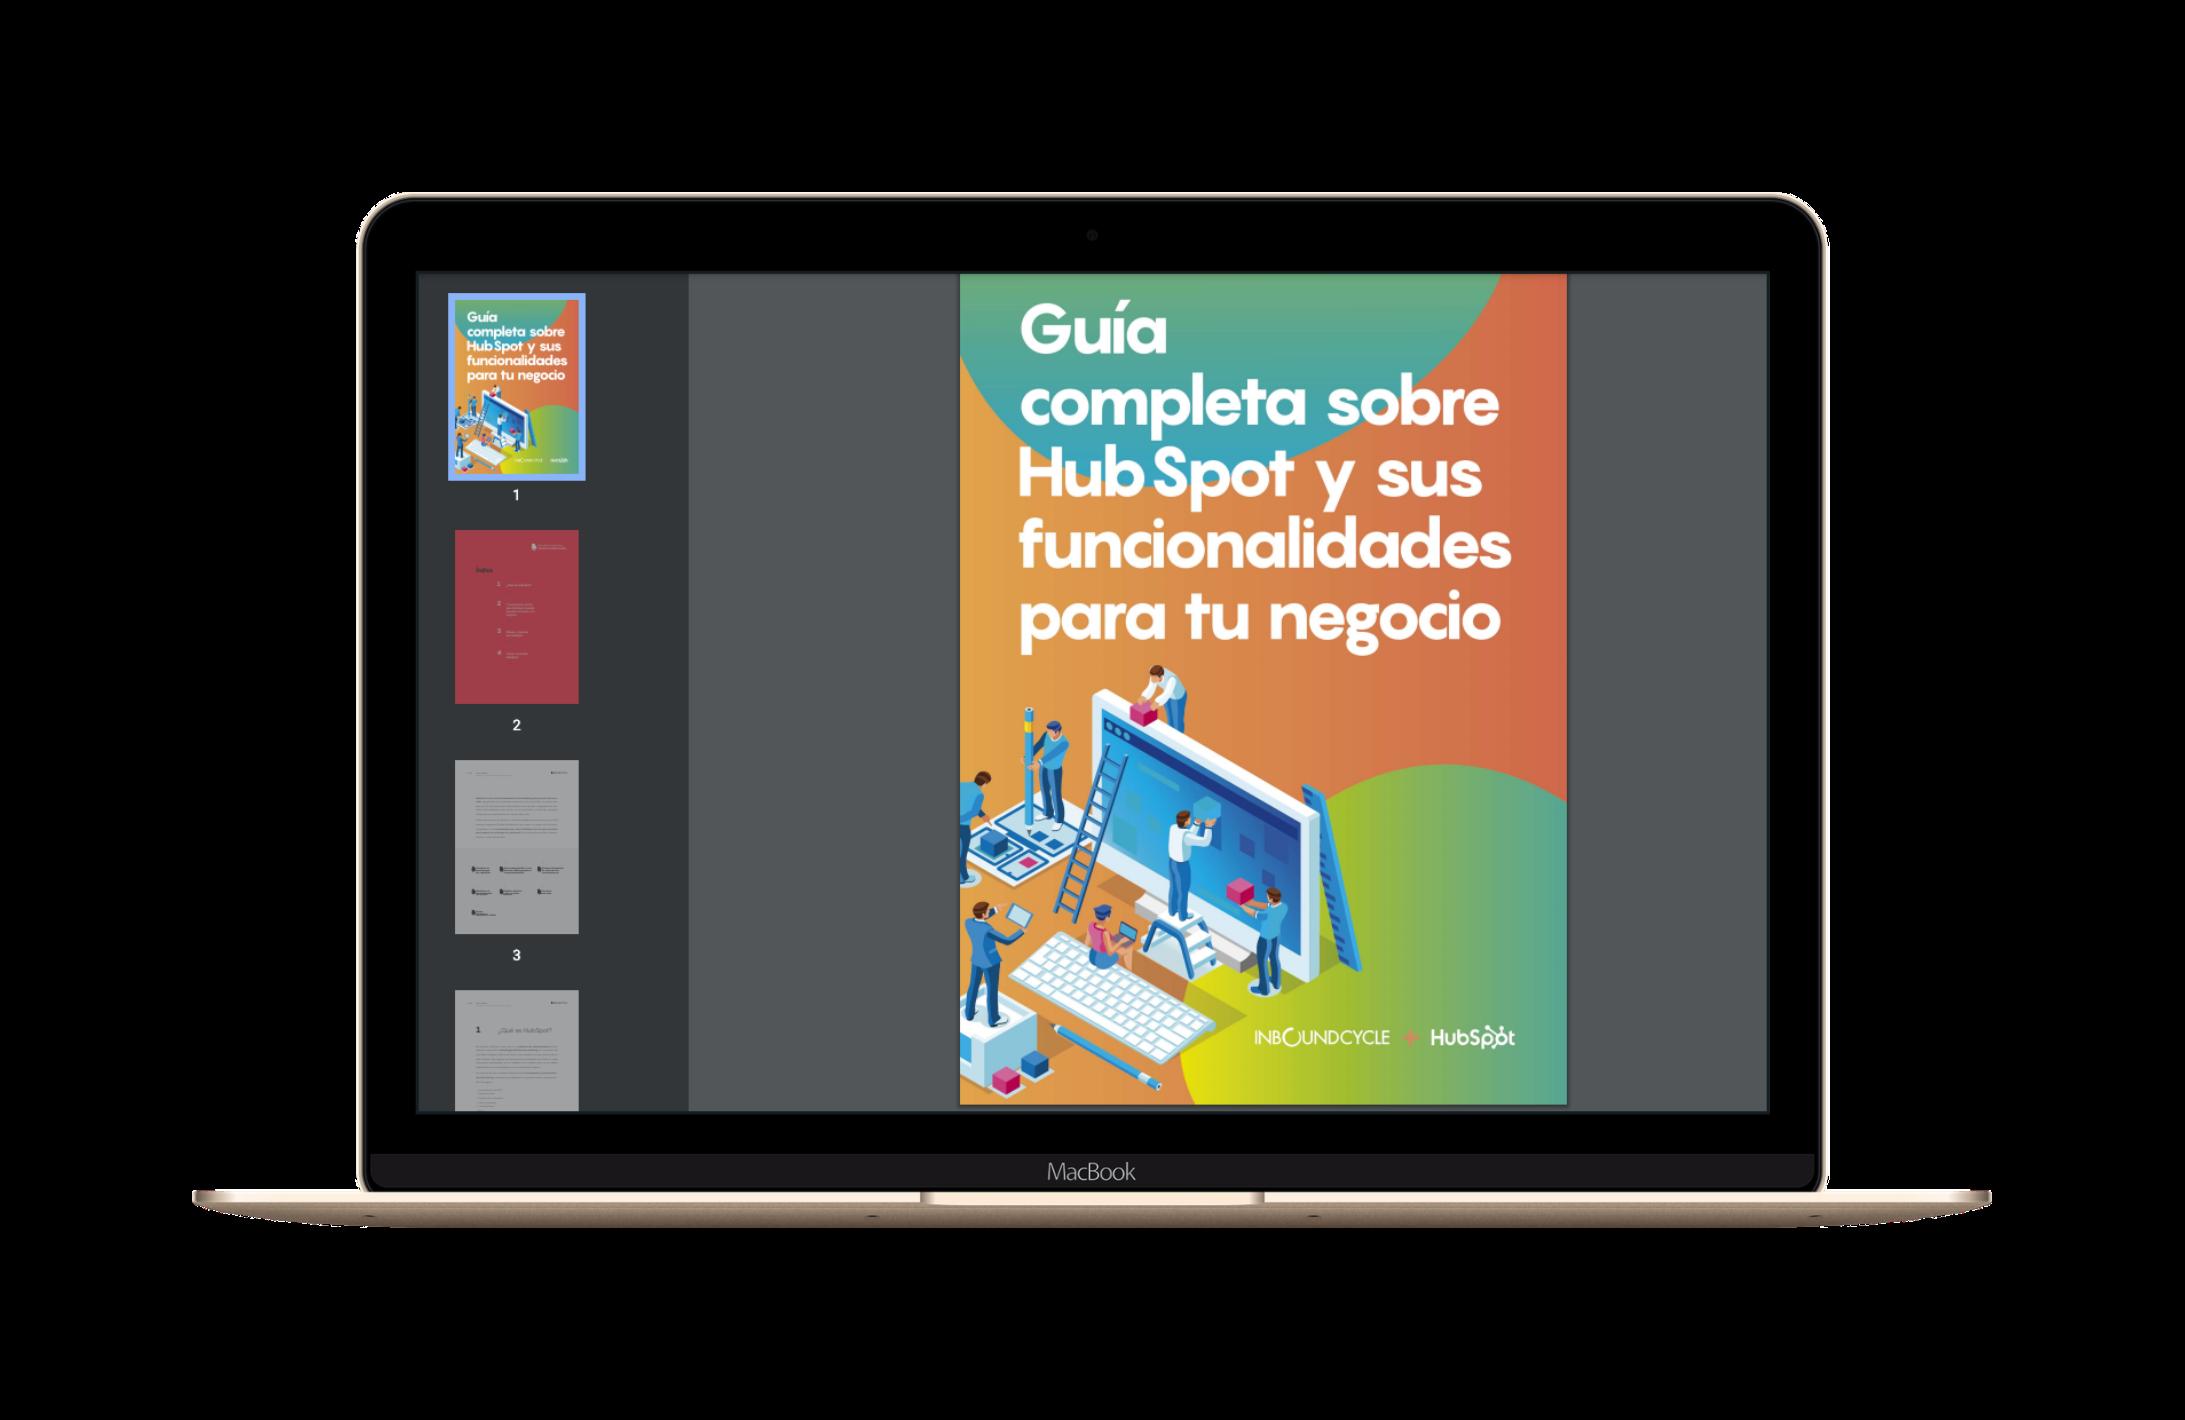 ebook gratis marketing hubspot inboundcycle